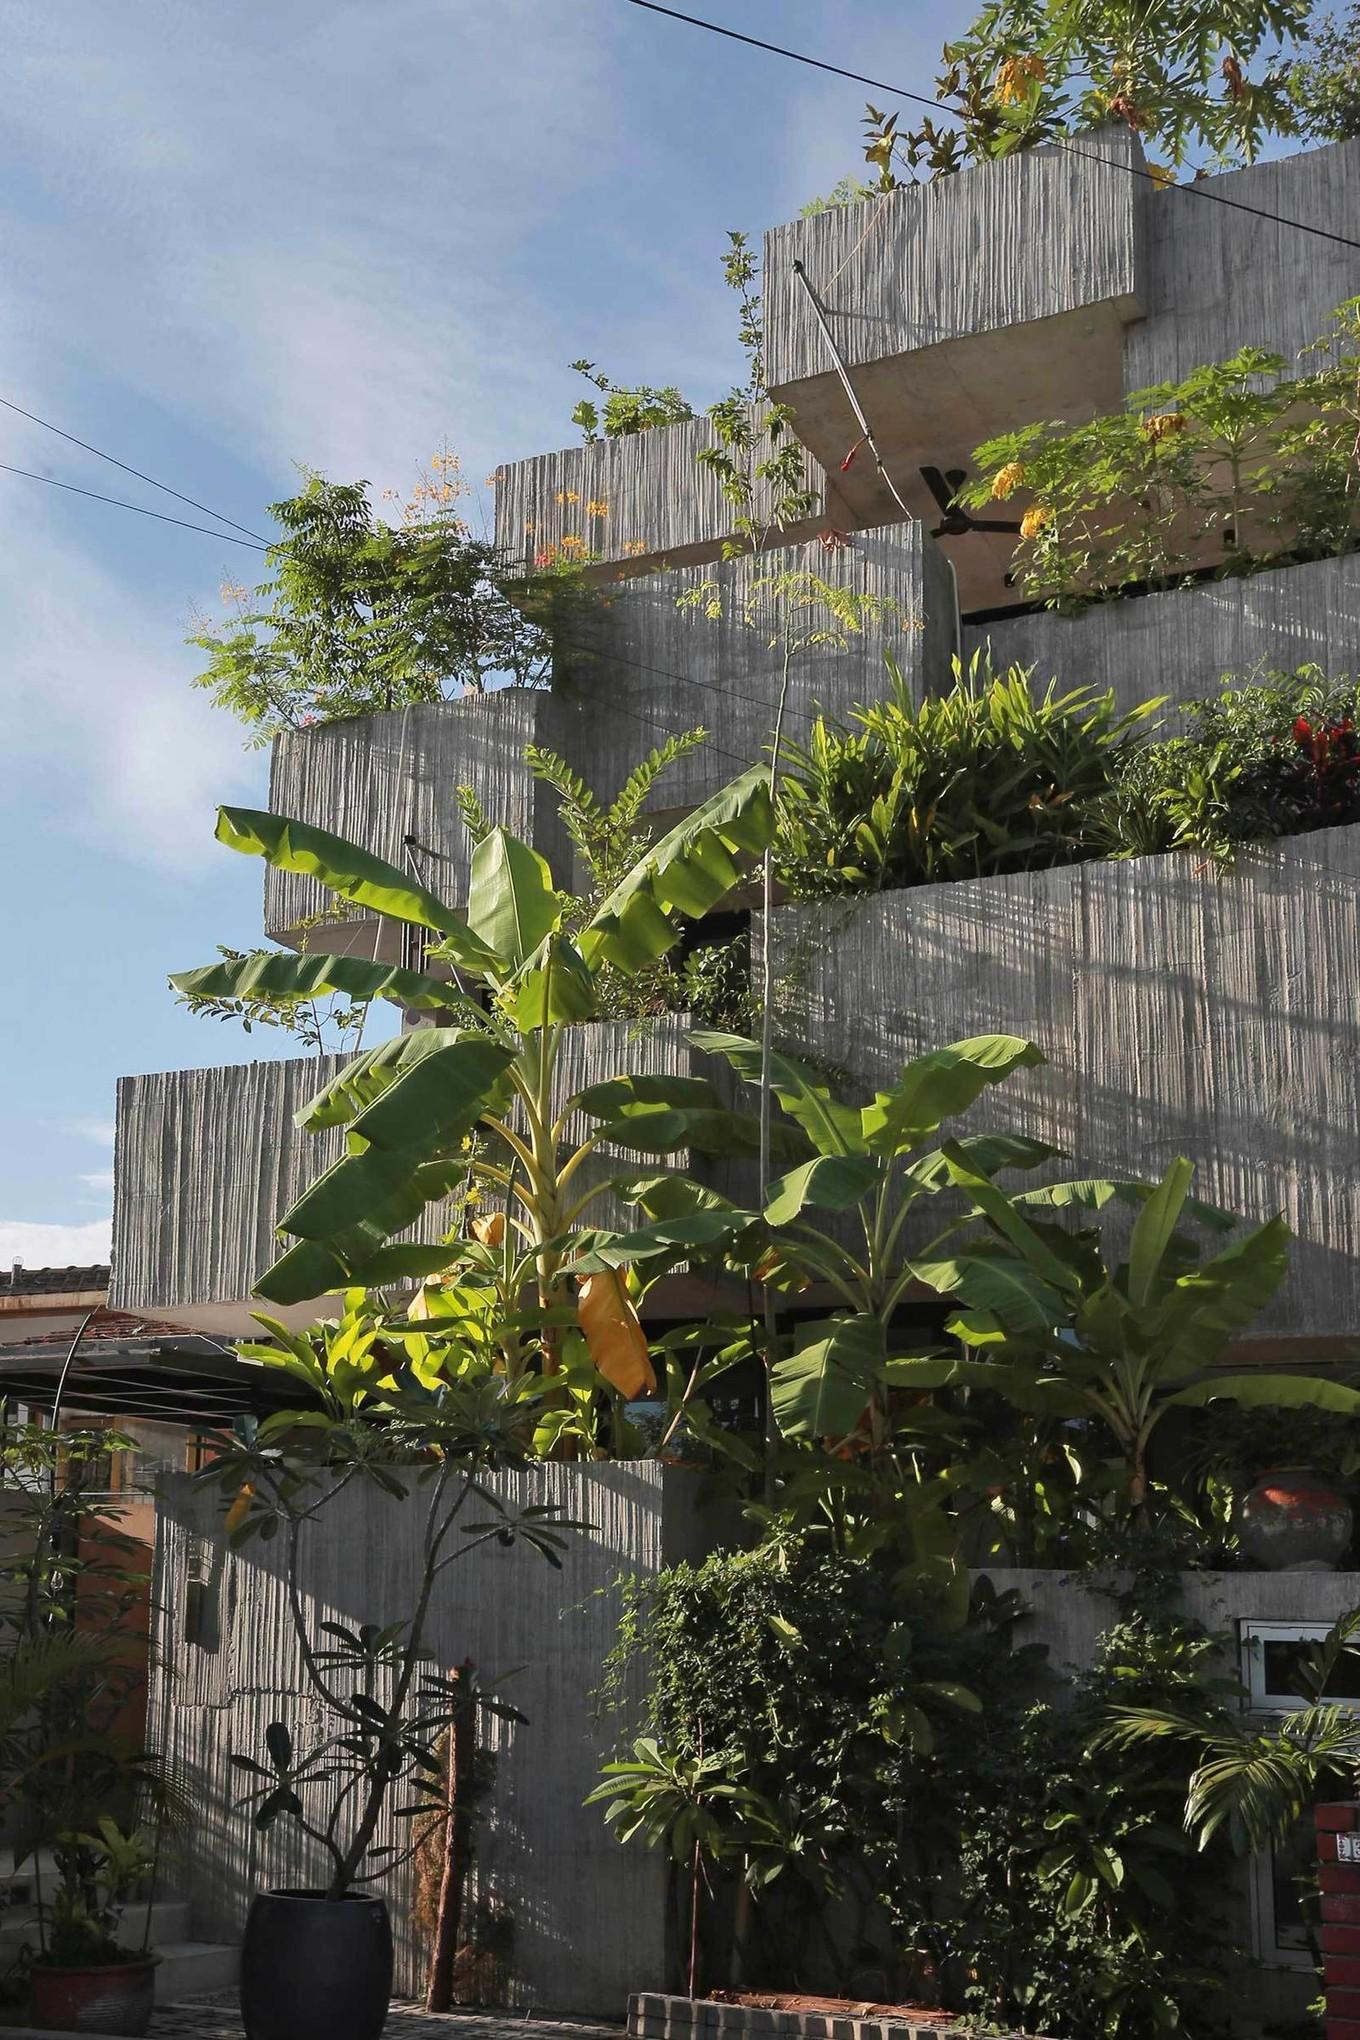 Необычный дом для любителей выращивать растения архитектура,идеи для дома,интерьер и дизайн